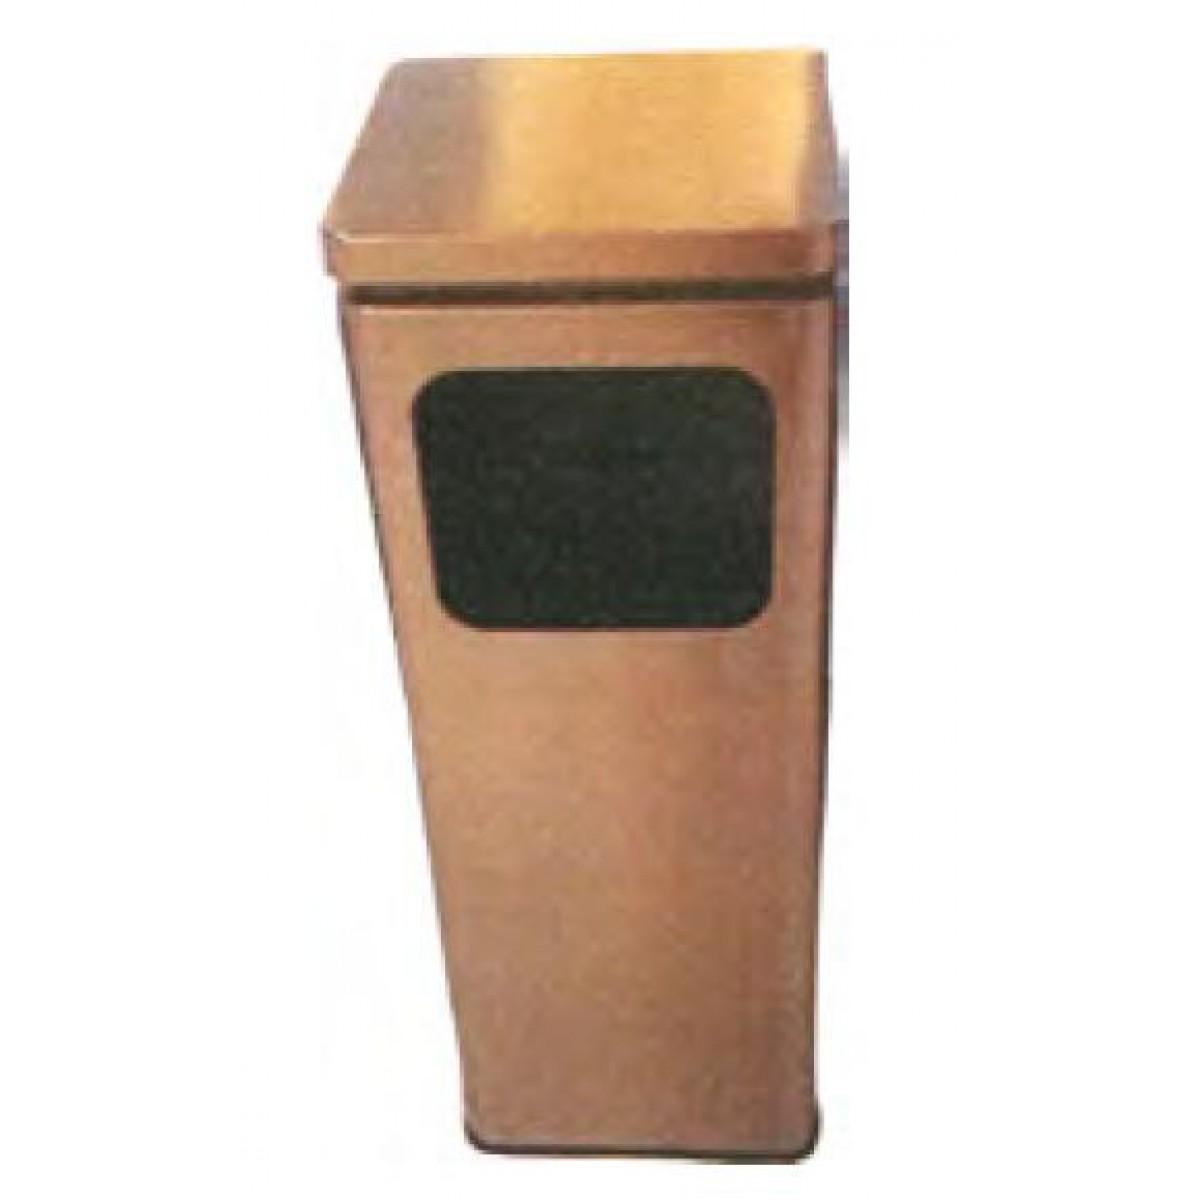 不鏽鋼電鍍垃圾桶(NC-160)